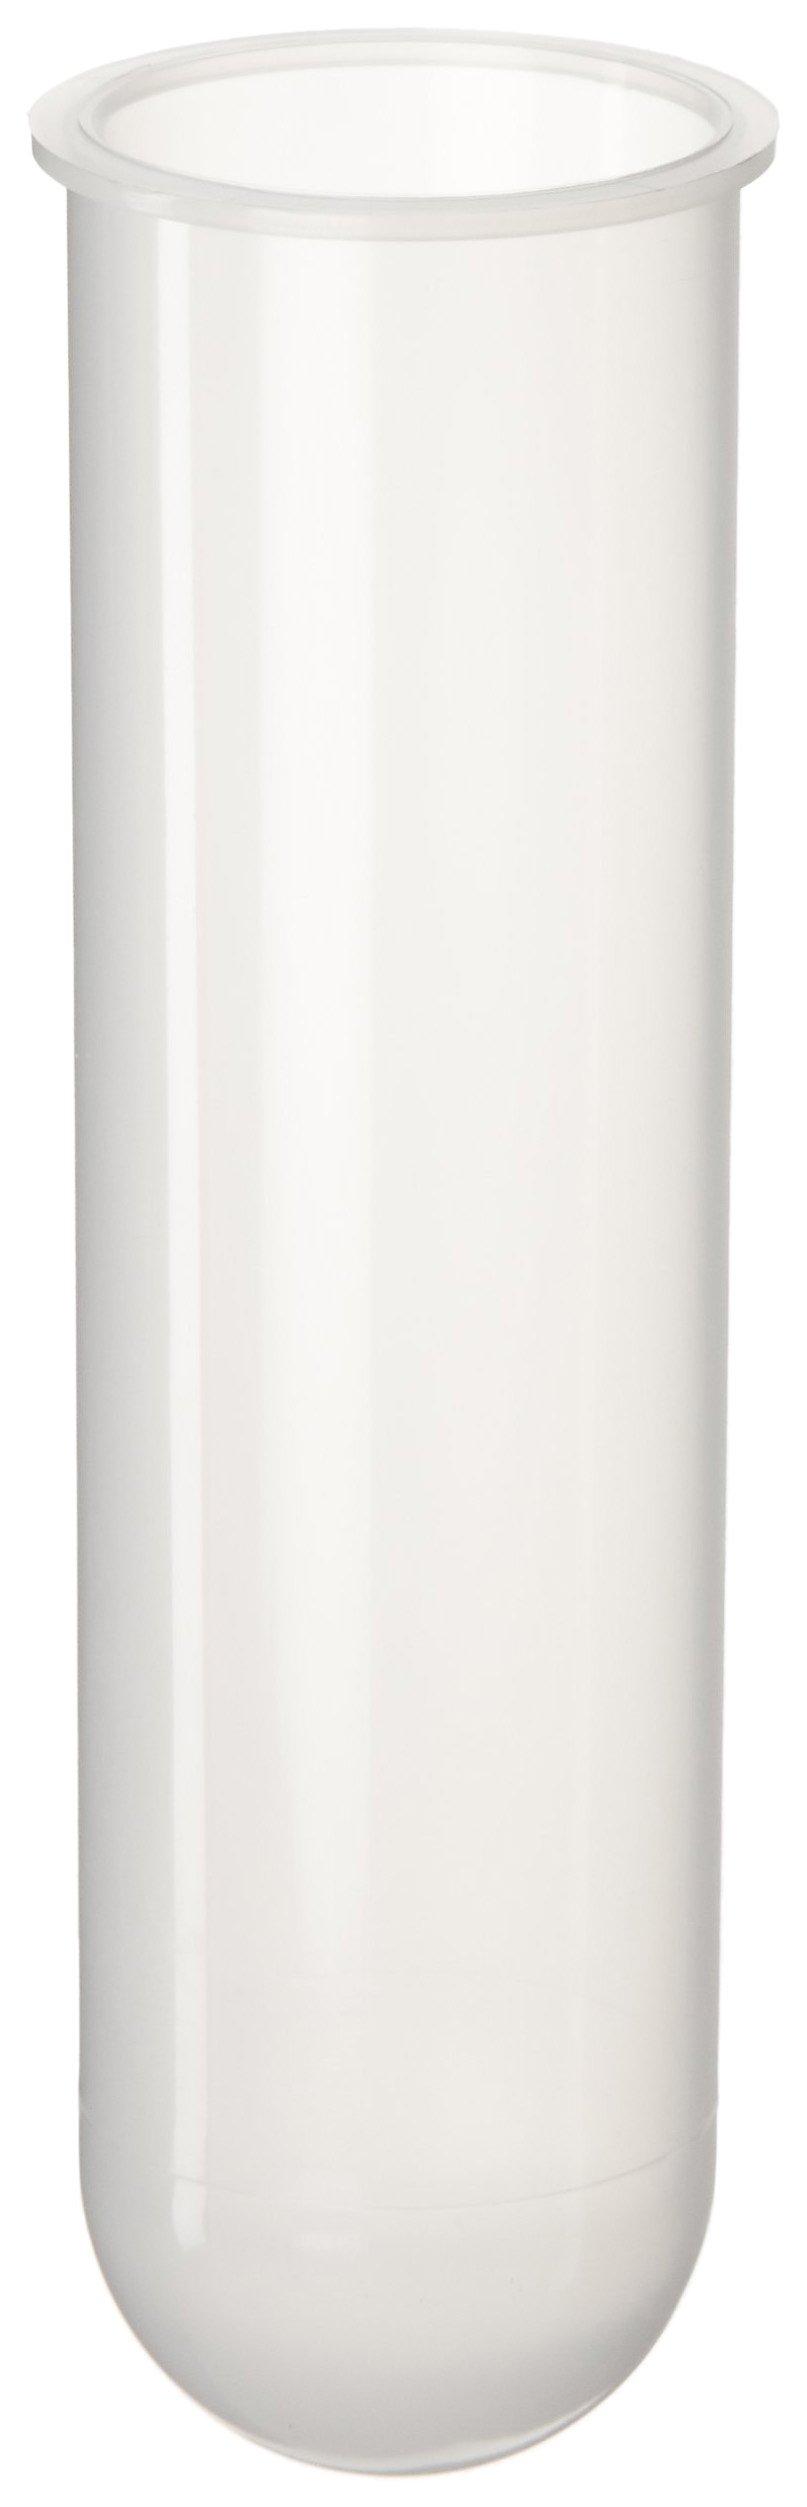 Nalgene 3110-9500 Polypropylene 50mL Round-Bottom/Open-Top Centrifuge Tube with LippedTranslucent, (Pack of 10)